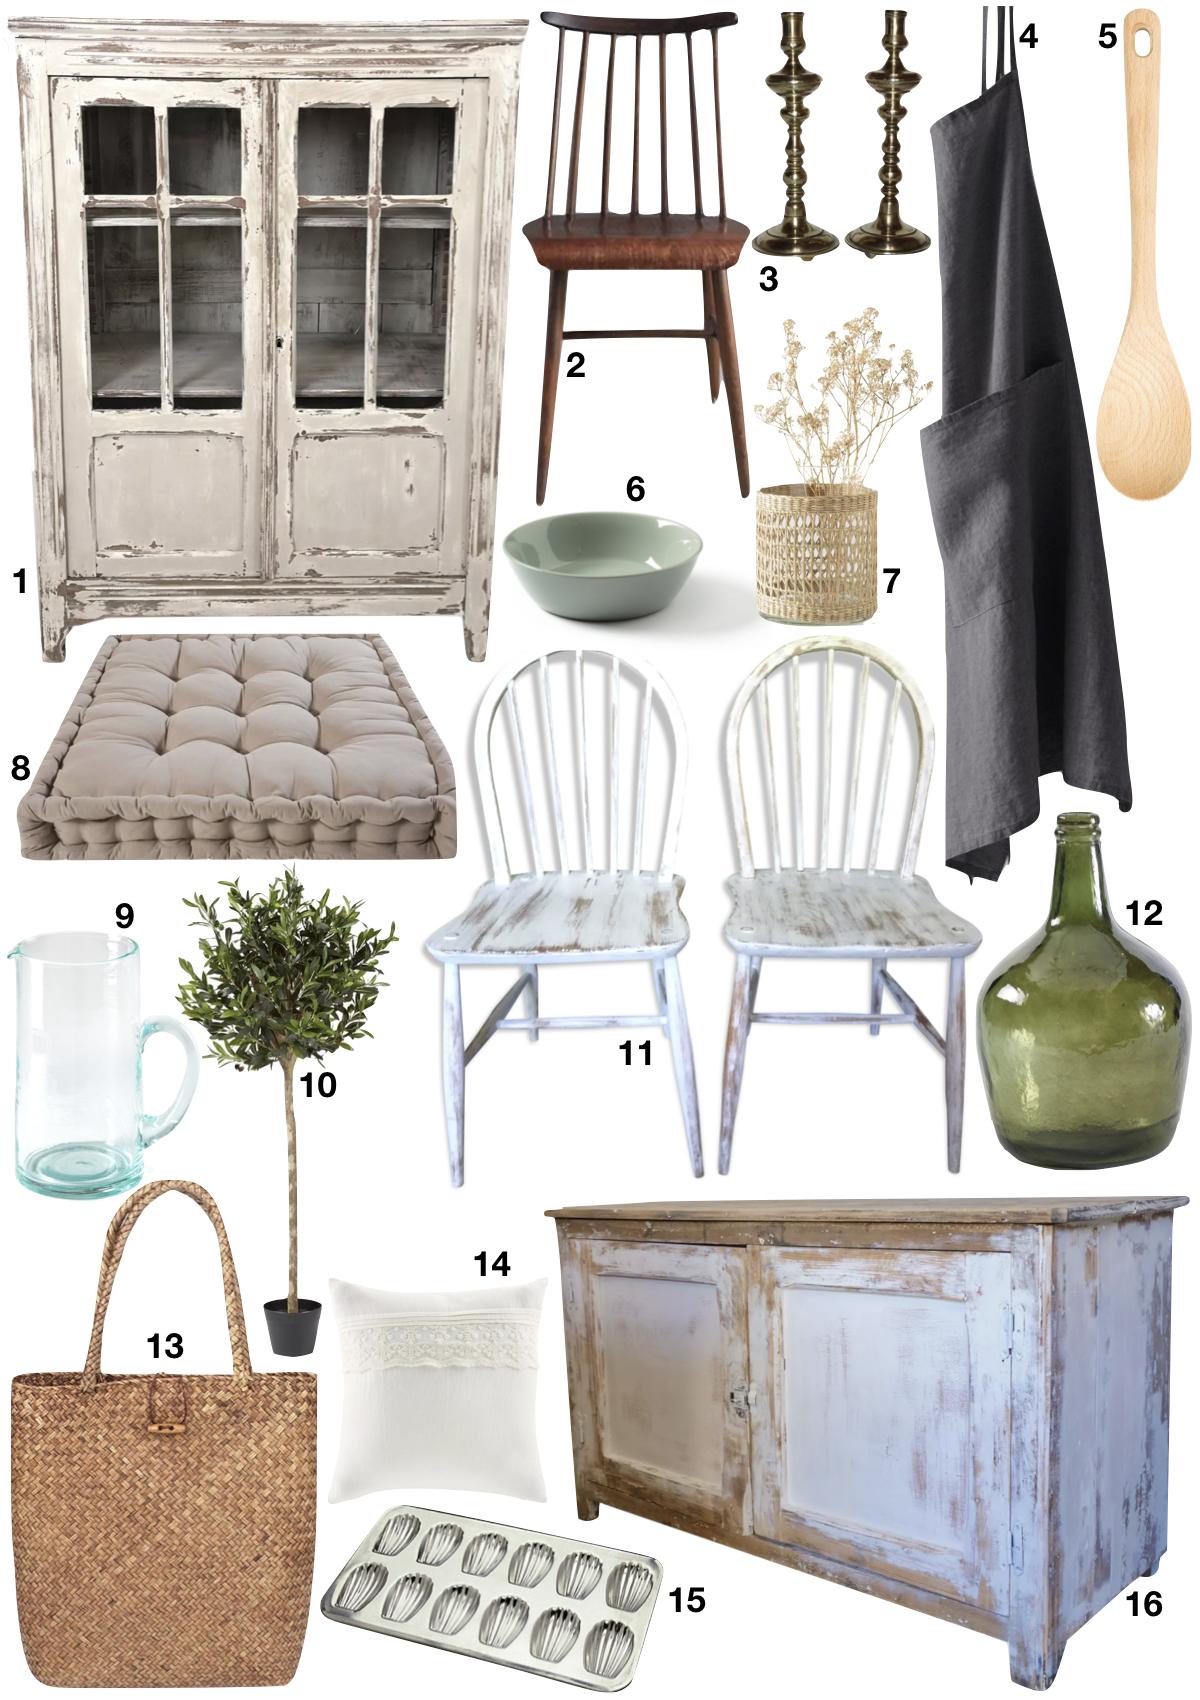 maison style italien shopping liste campagne décoration rustique - blog déco - clem around the corner